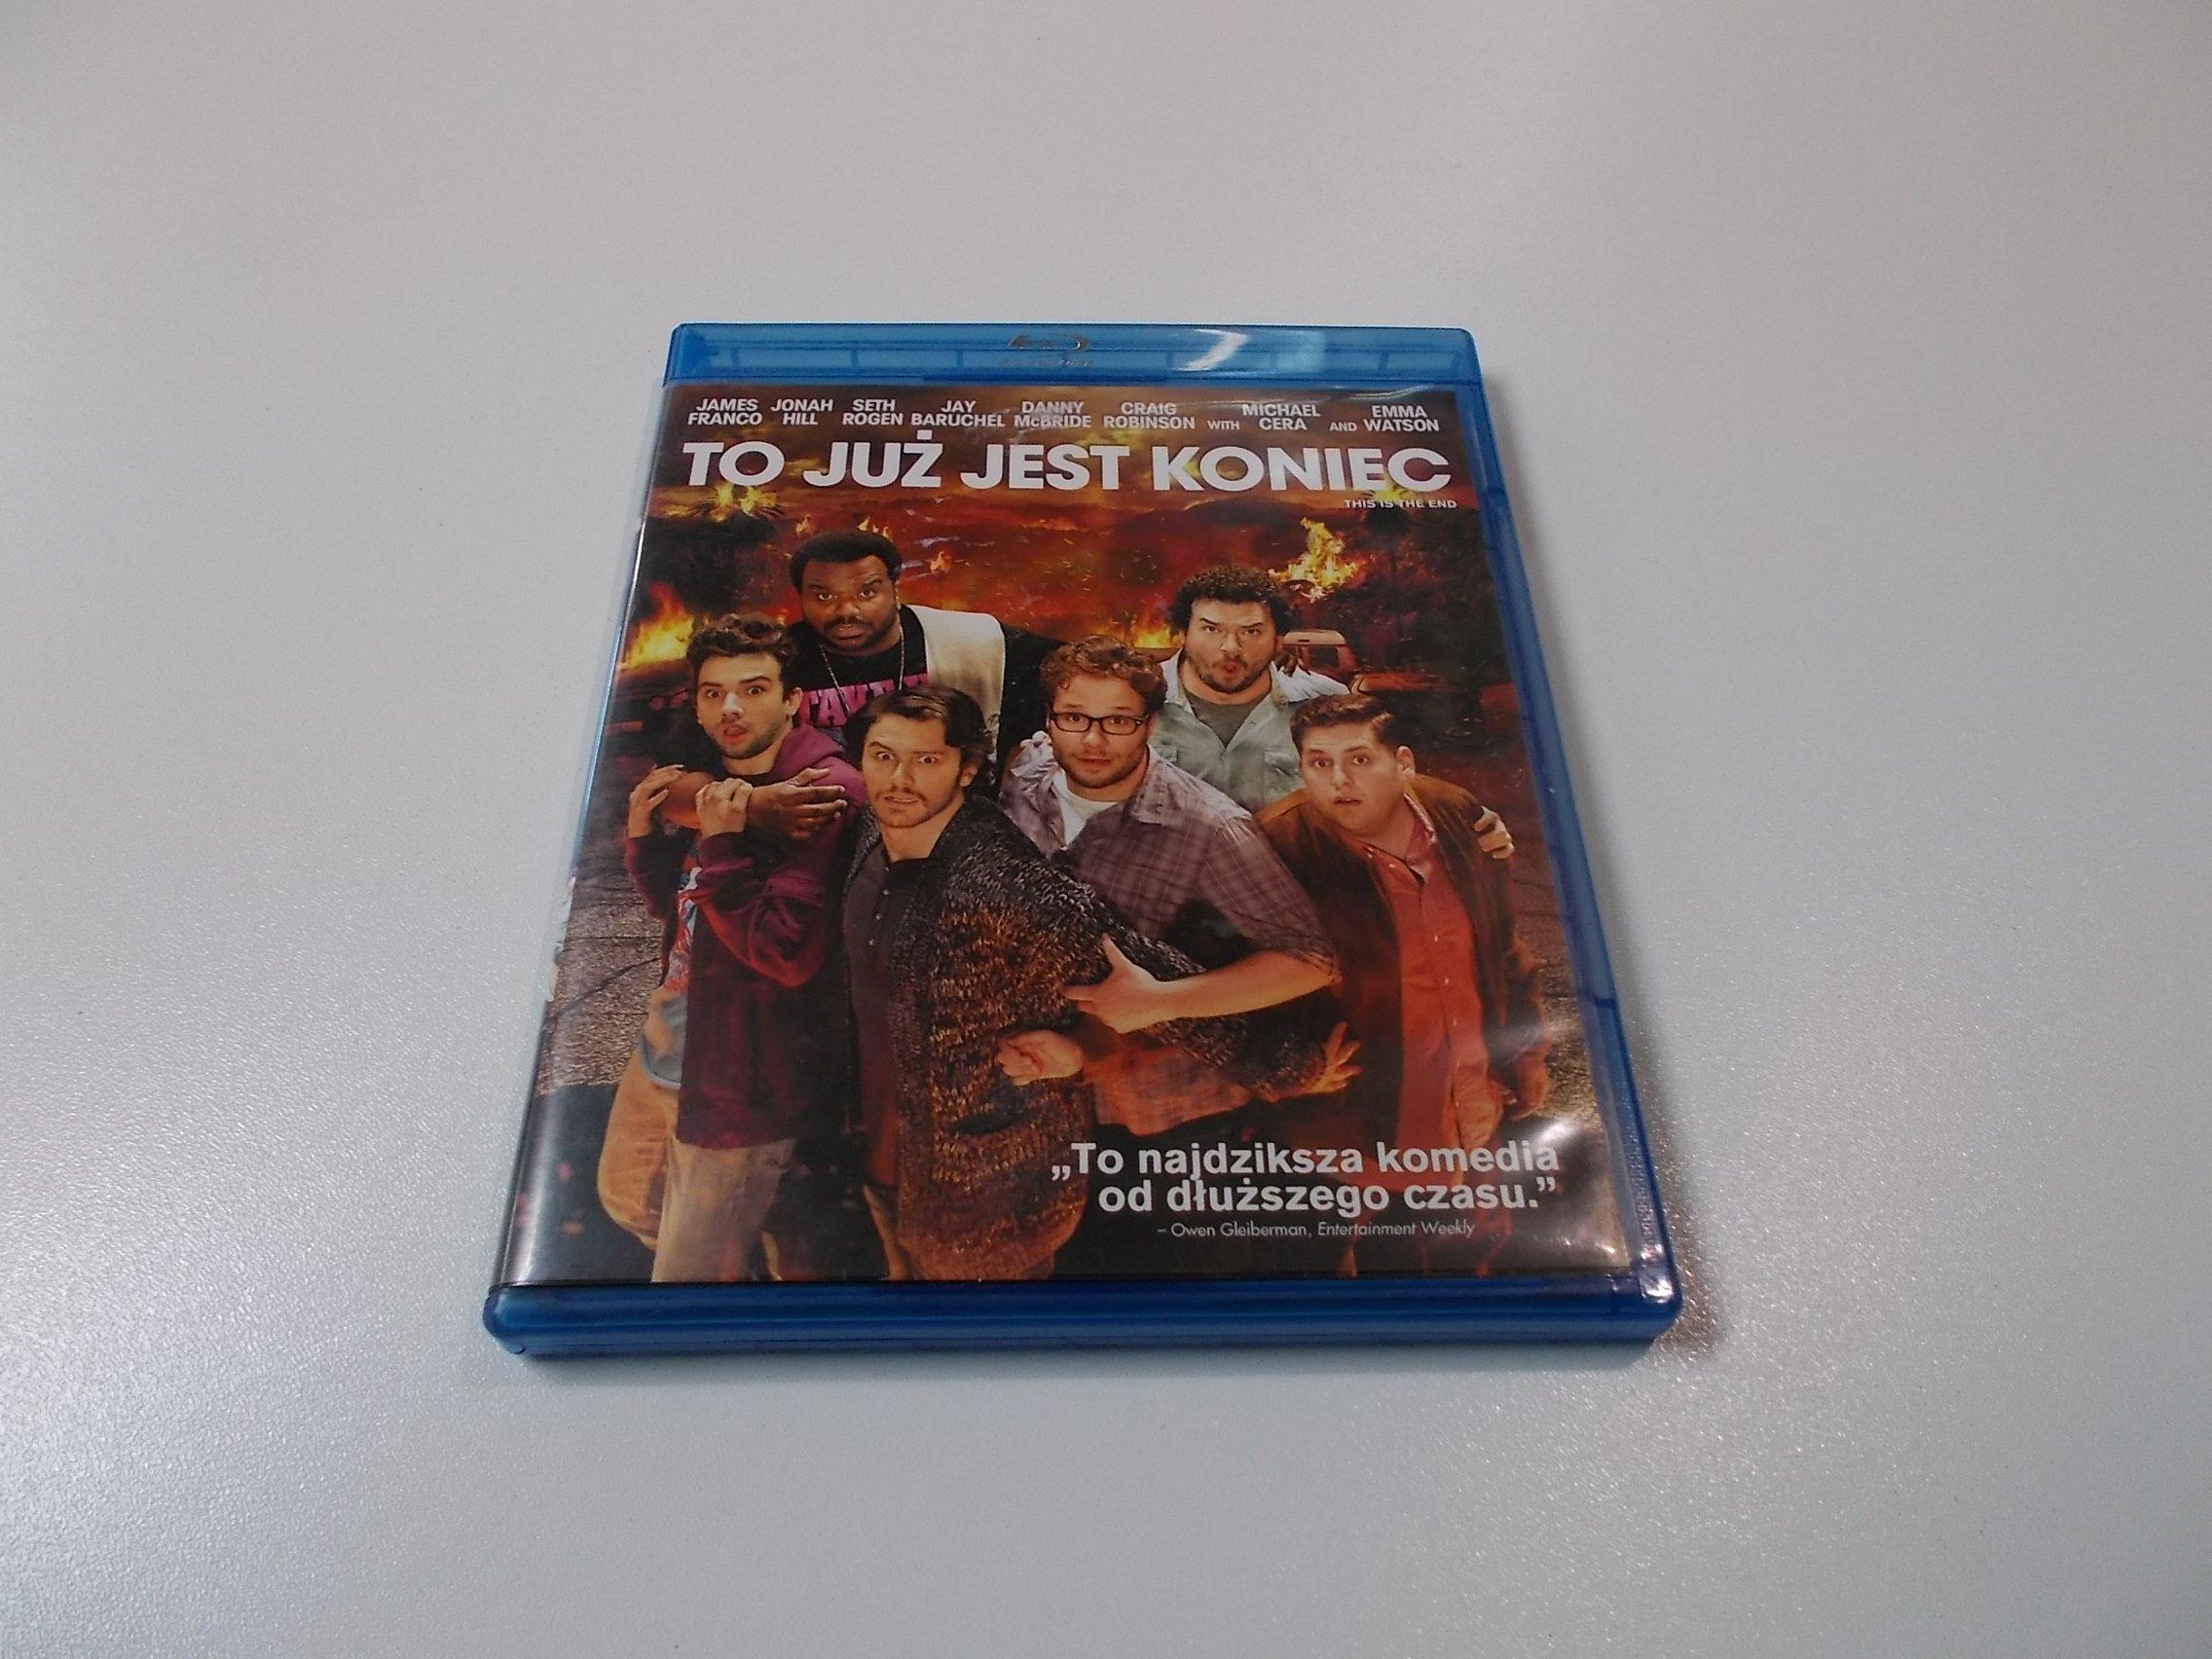 TO JUŻ JEST KONIEC - Płyta Blu-ray - Opole